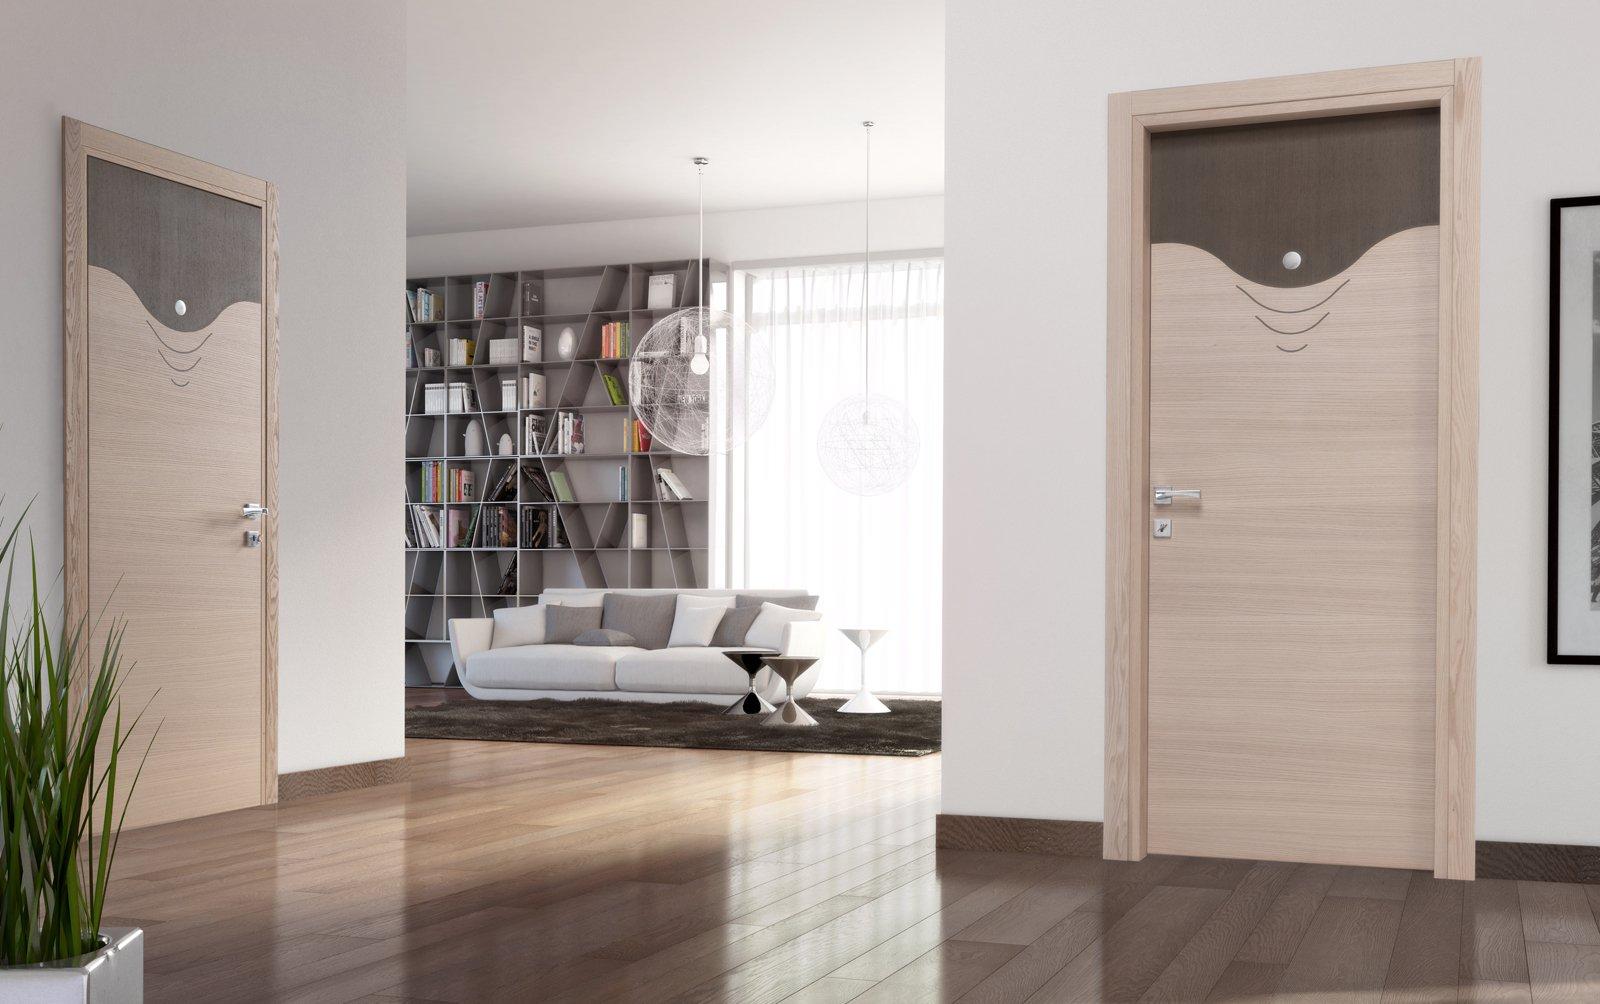 Porte e arredo i consigli su come abbinare stili e rifiniture cose di casa - Come abbinare cucina e pavimento ...